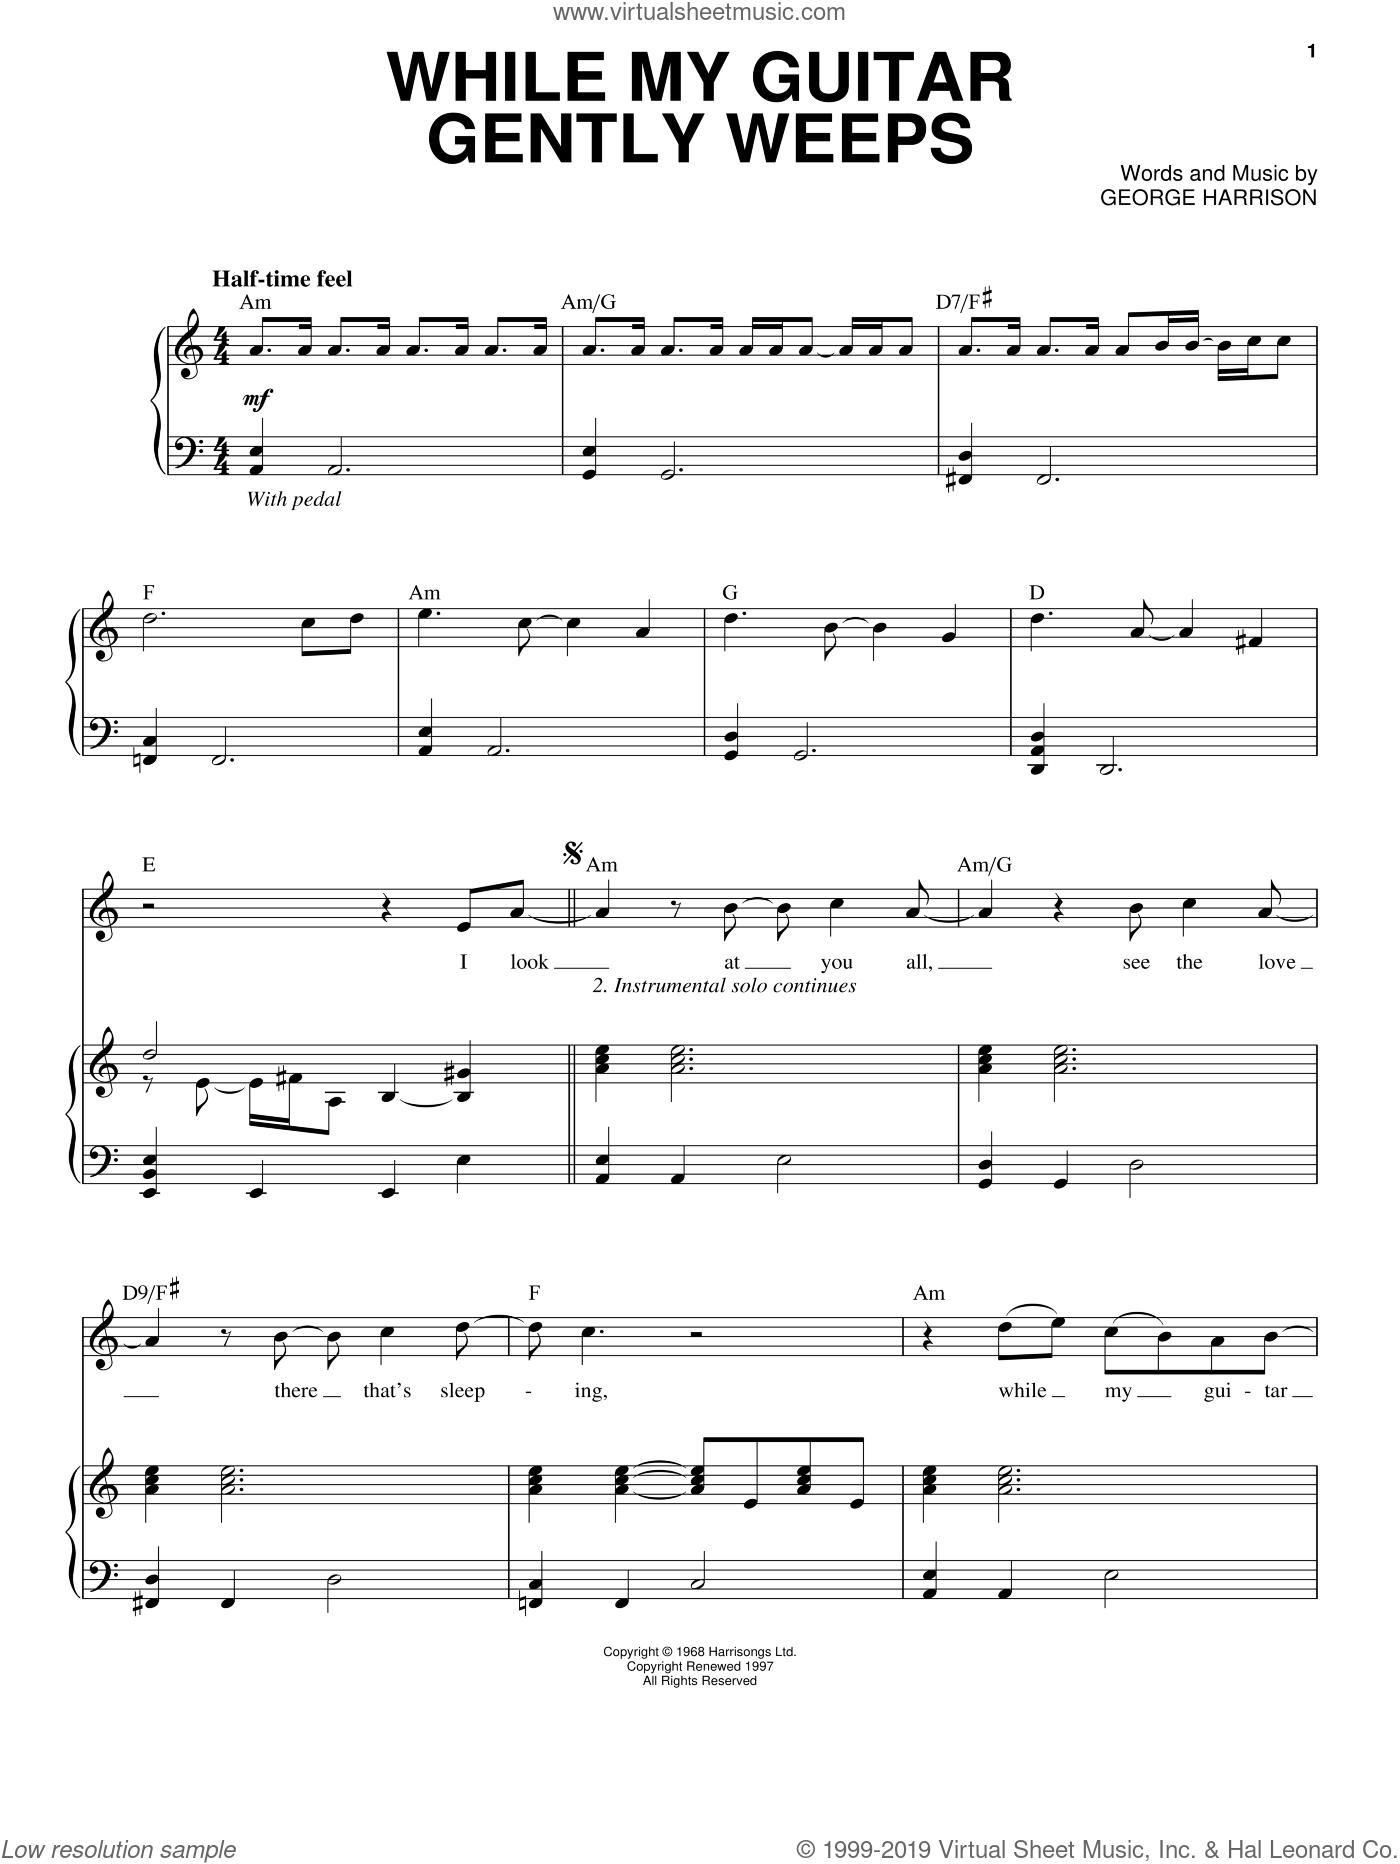 While my guitar gently weeps ukulele tab pdf